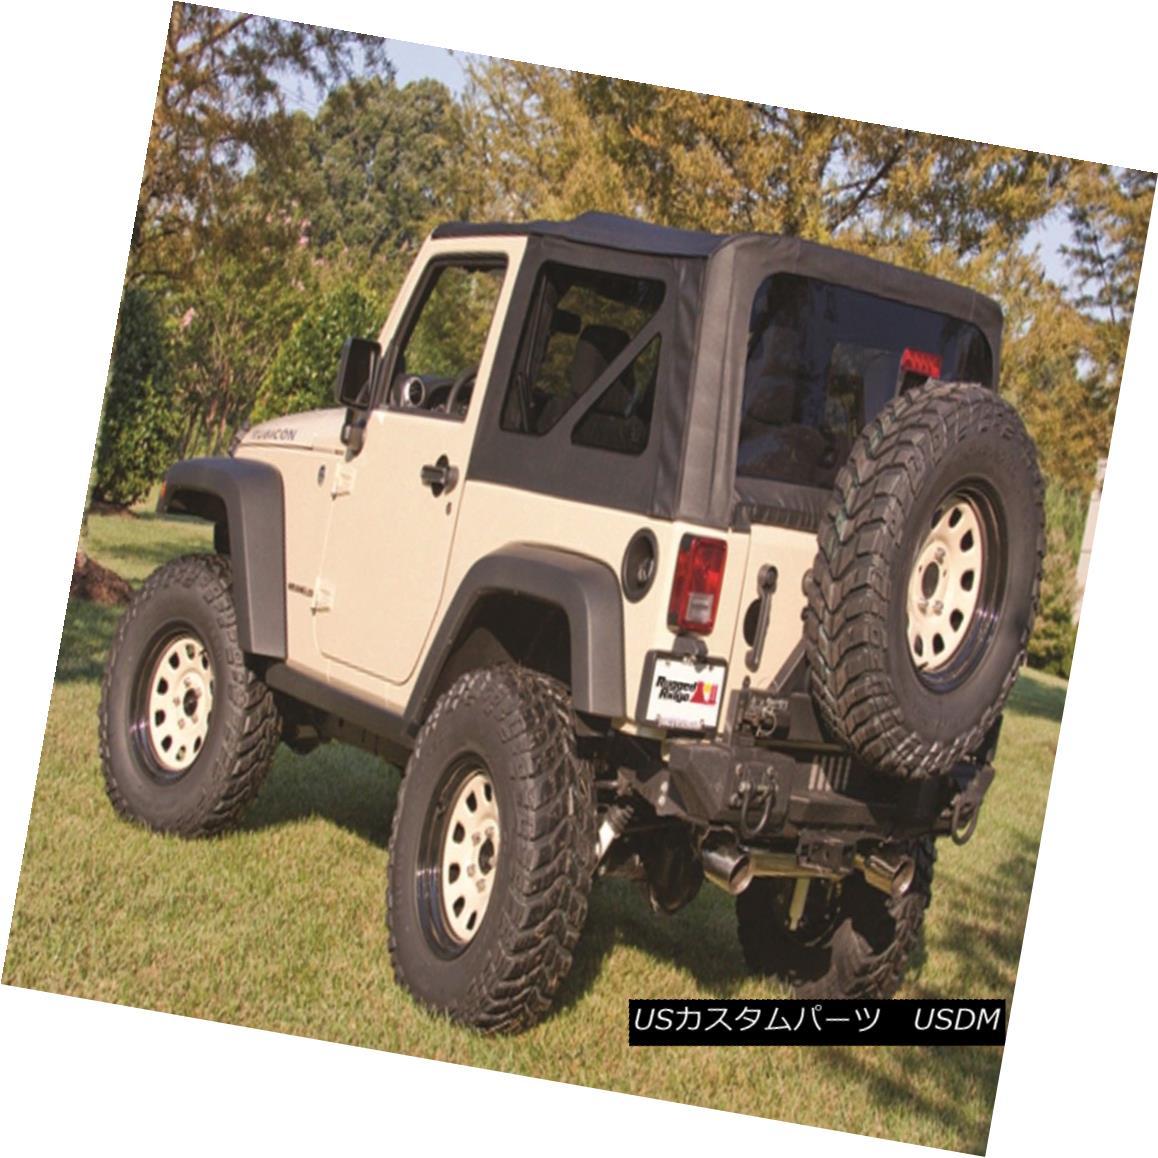 幌・ソフトトップ Rugged Ridge 13736.35 XHD Soft Top Fits 07-09 Wrangler (JK) Rugged Ridge 13736.35 XHDソフトトップフィット07-09 Wrangler(JK)